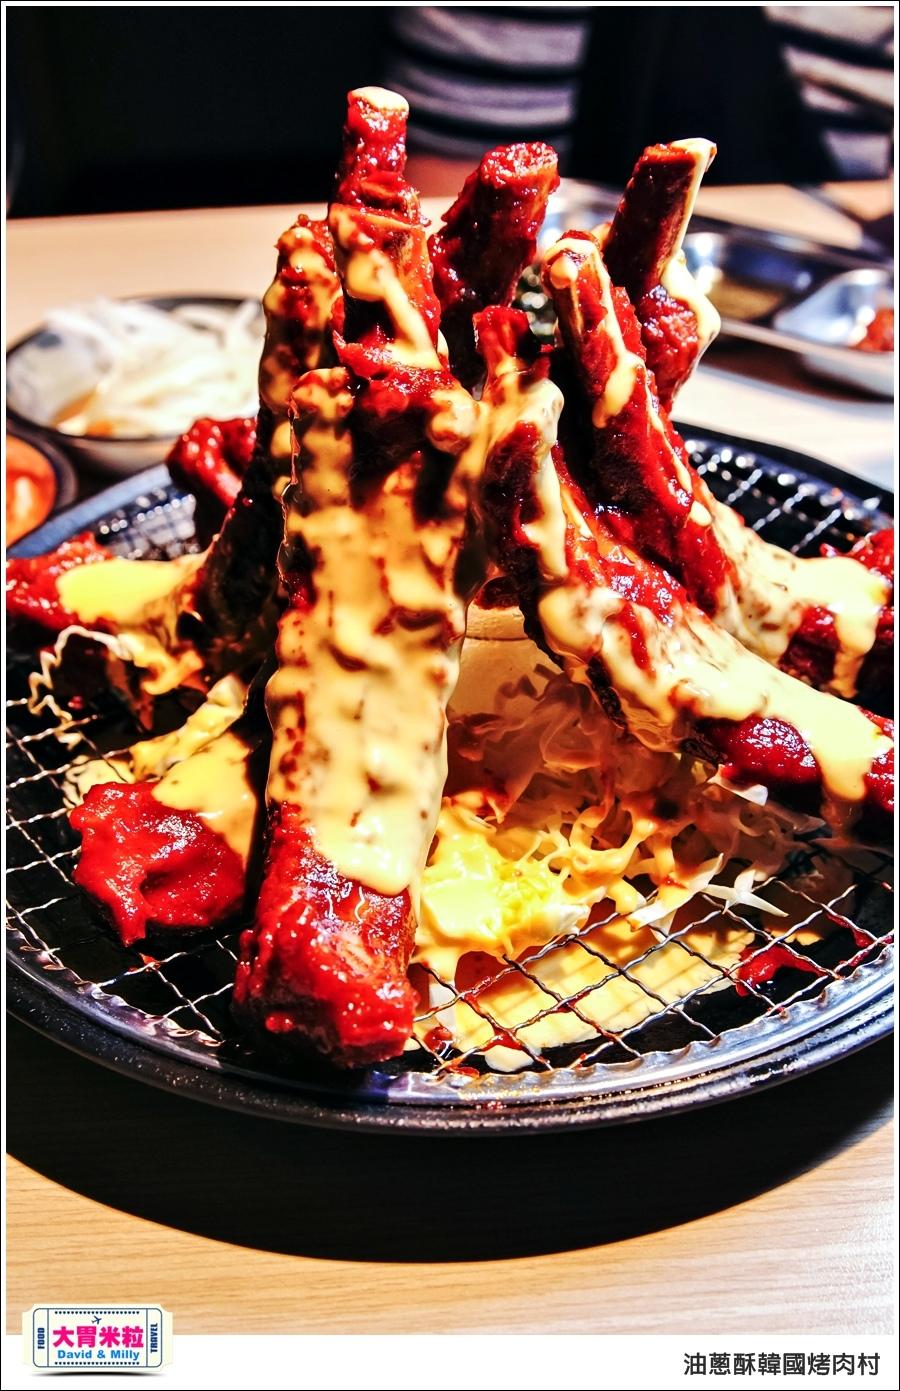 高雄韓式料理推薦@油蔥酥 韓國烤肉村 @大胃米粒0057.jpg